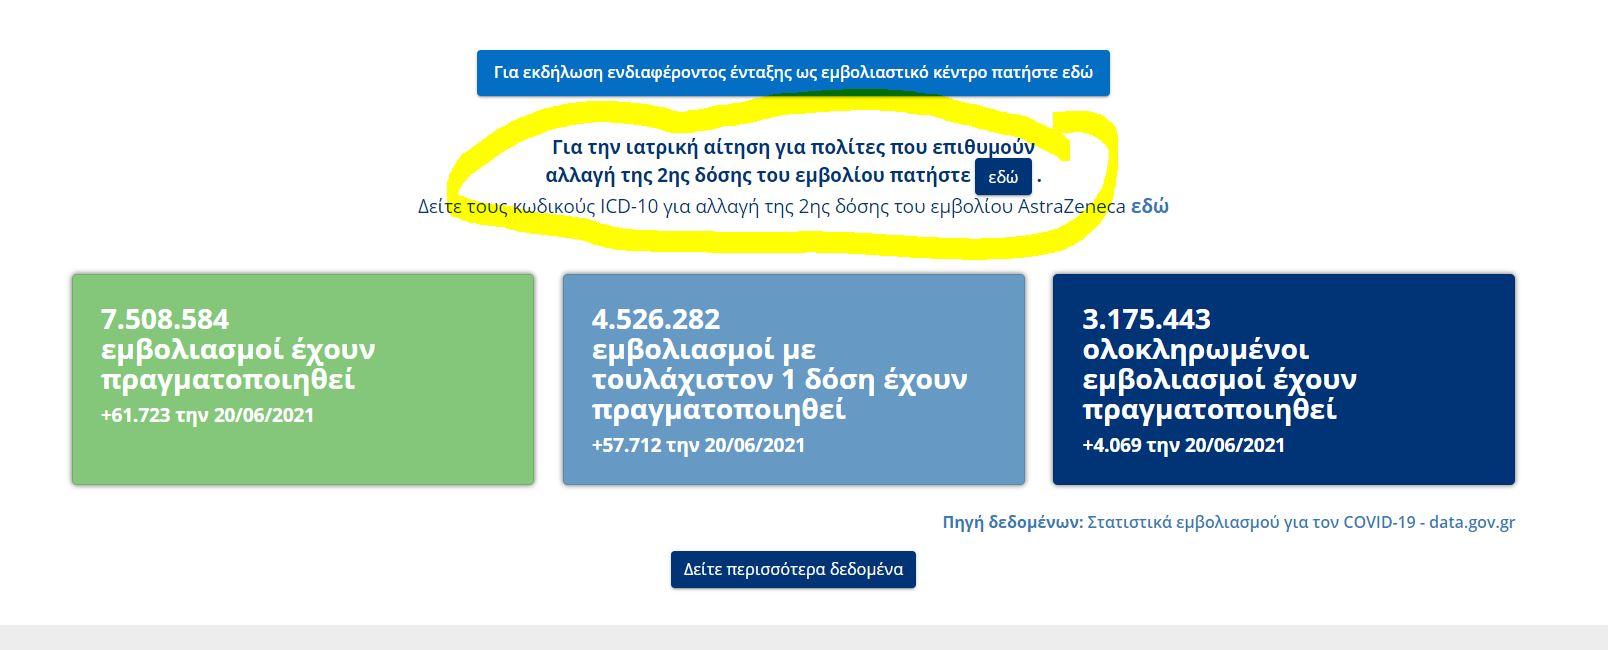 Εμβόλιο AstraZeneca: Άνοιξε η πλατφόρμα για την αλλαγή της 2ης δόσης